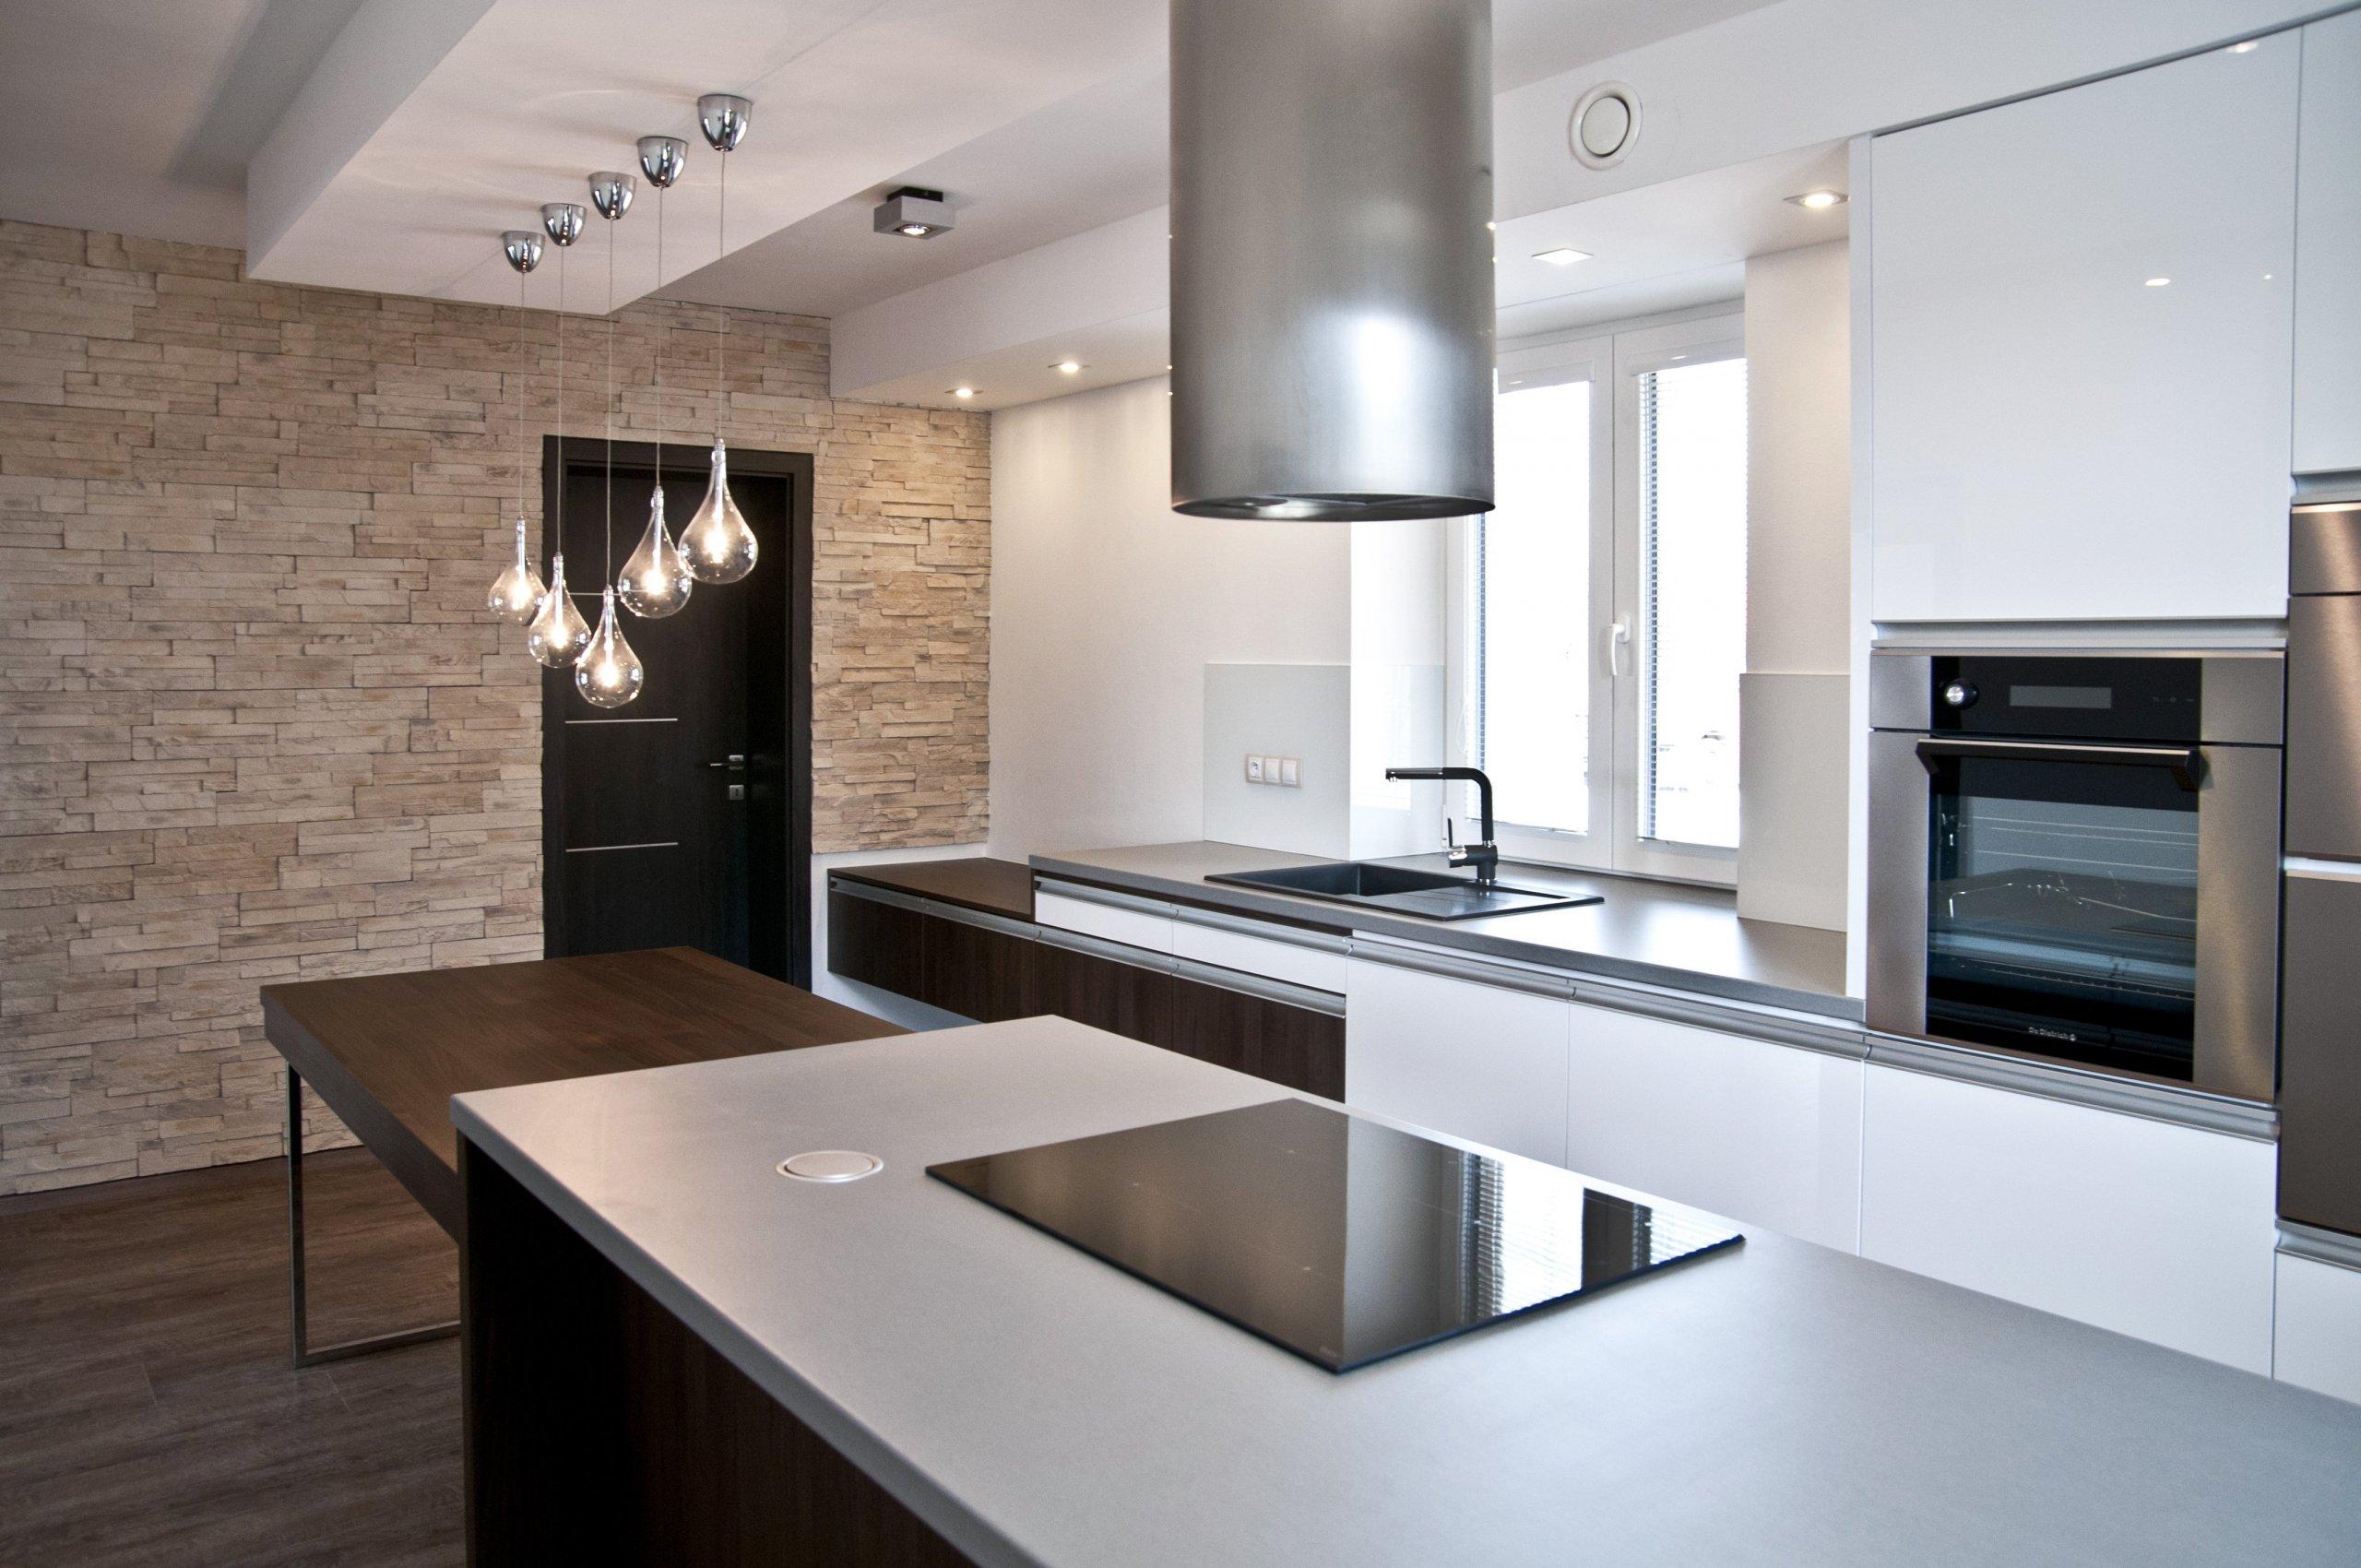 Velice moderní kuchyňská sestava působící luxusním dojmem. Majitelé vsadili na bílou lesklou barvu a velmi oblíbený dekor ořechu Ribera. Krásu kuchyně pak…